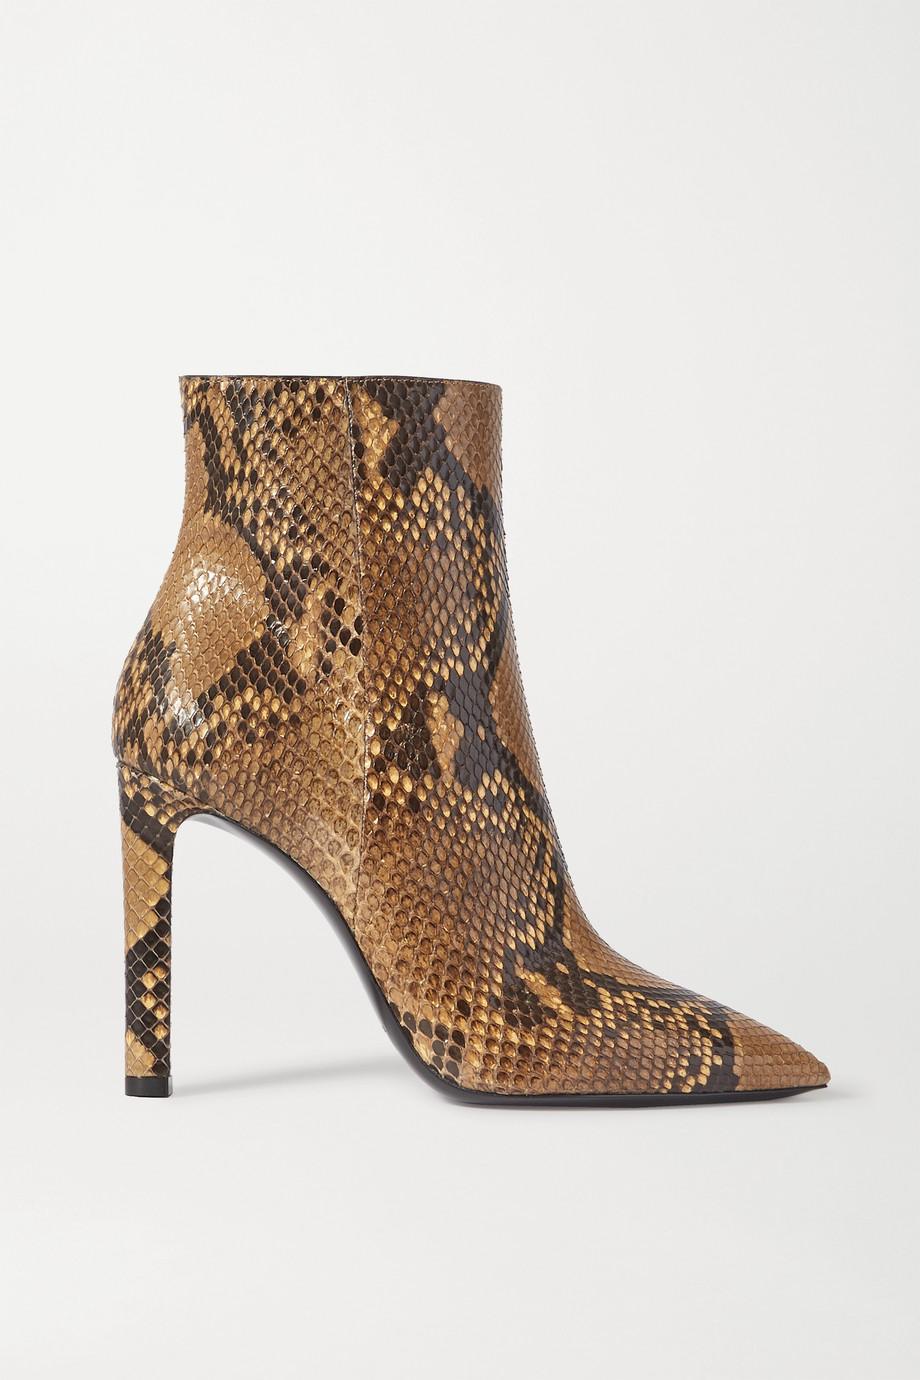 SAINT LAURENT Grace python ankle boots